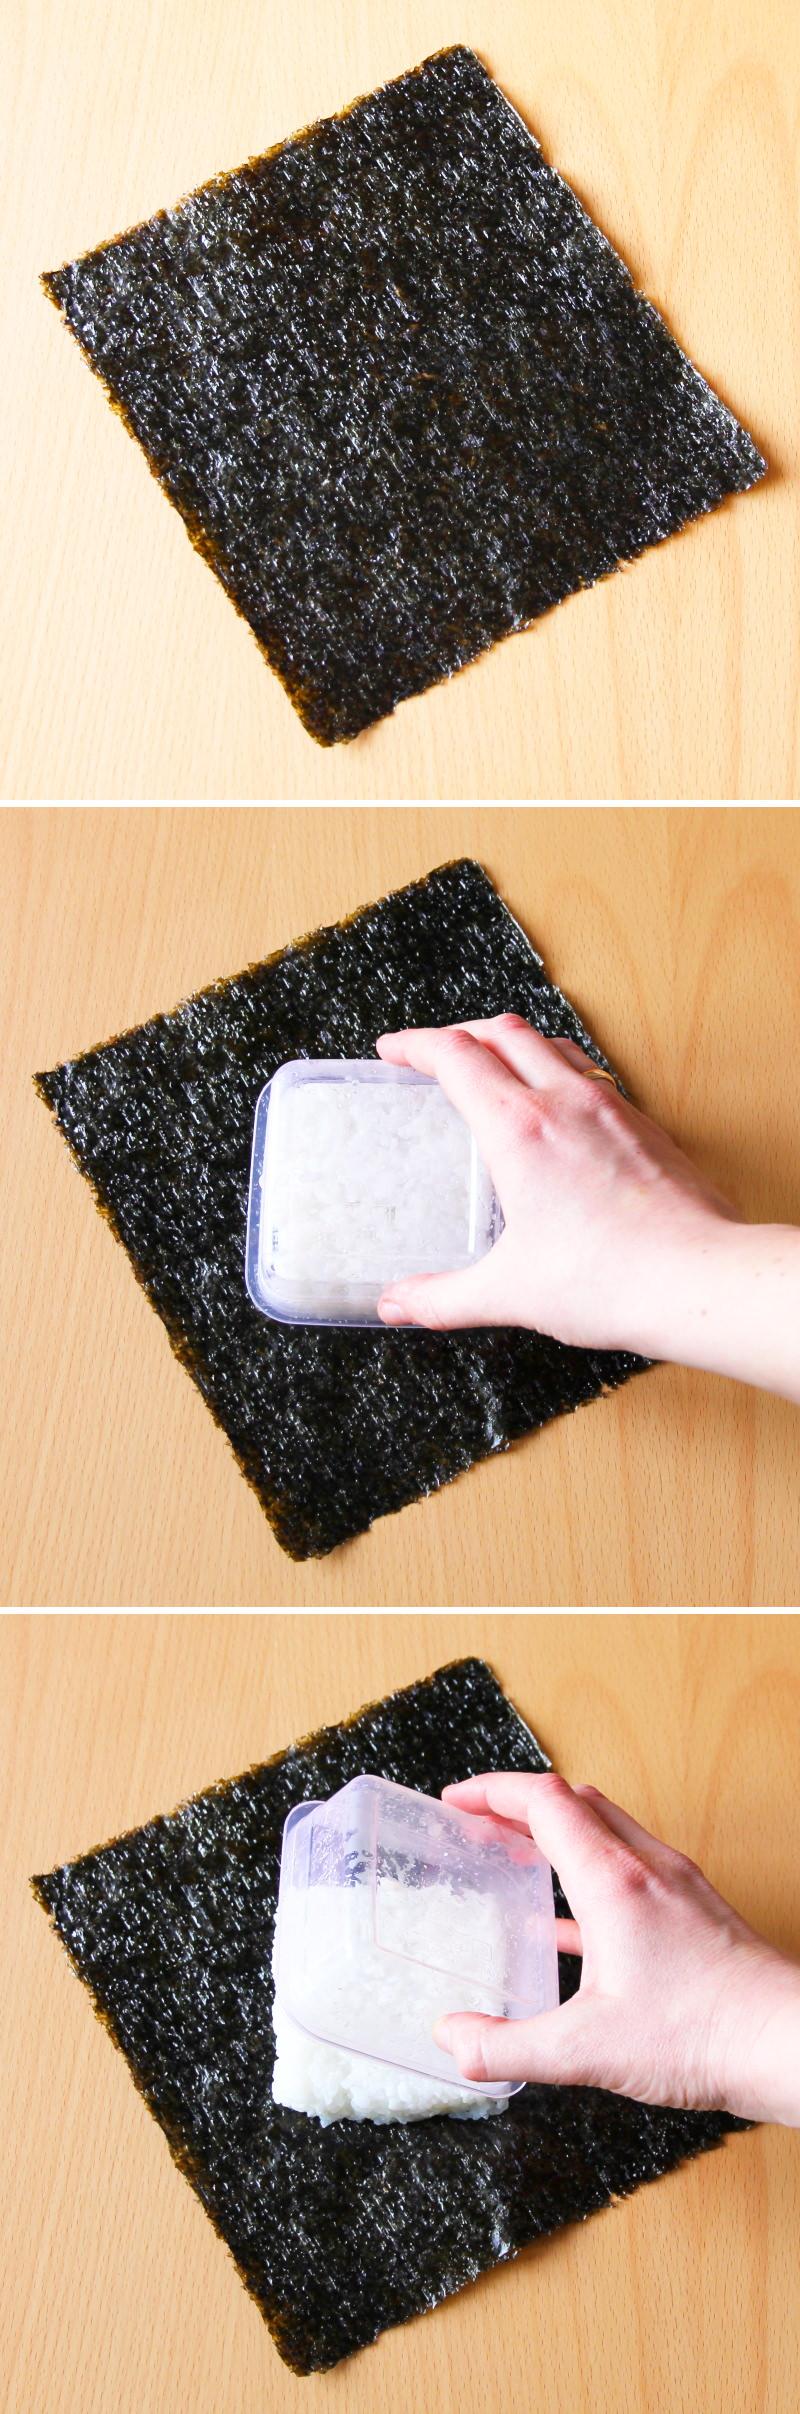 Onigirazu Sushi Sandwich Schritt 3 Reis platzieren